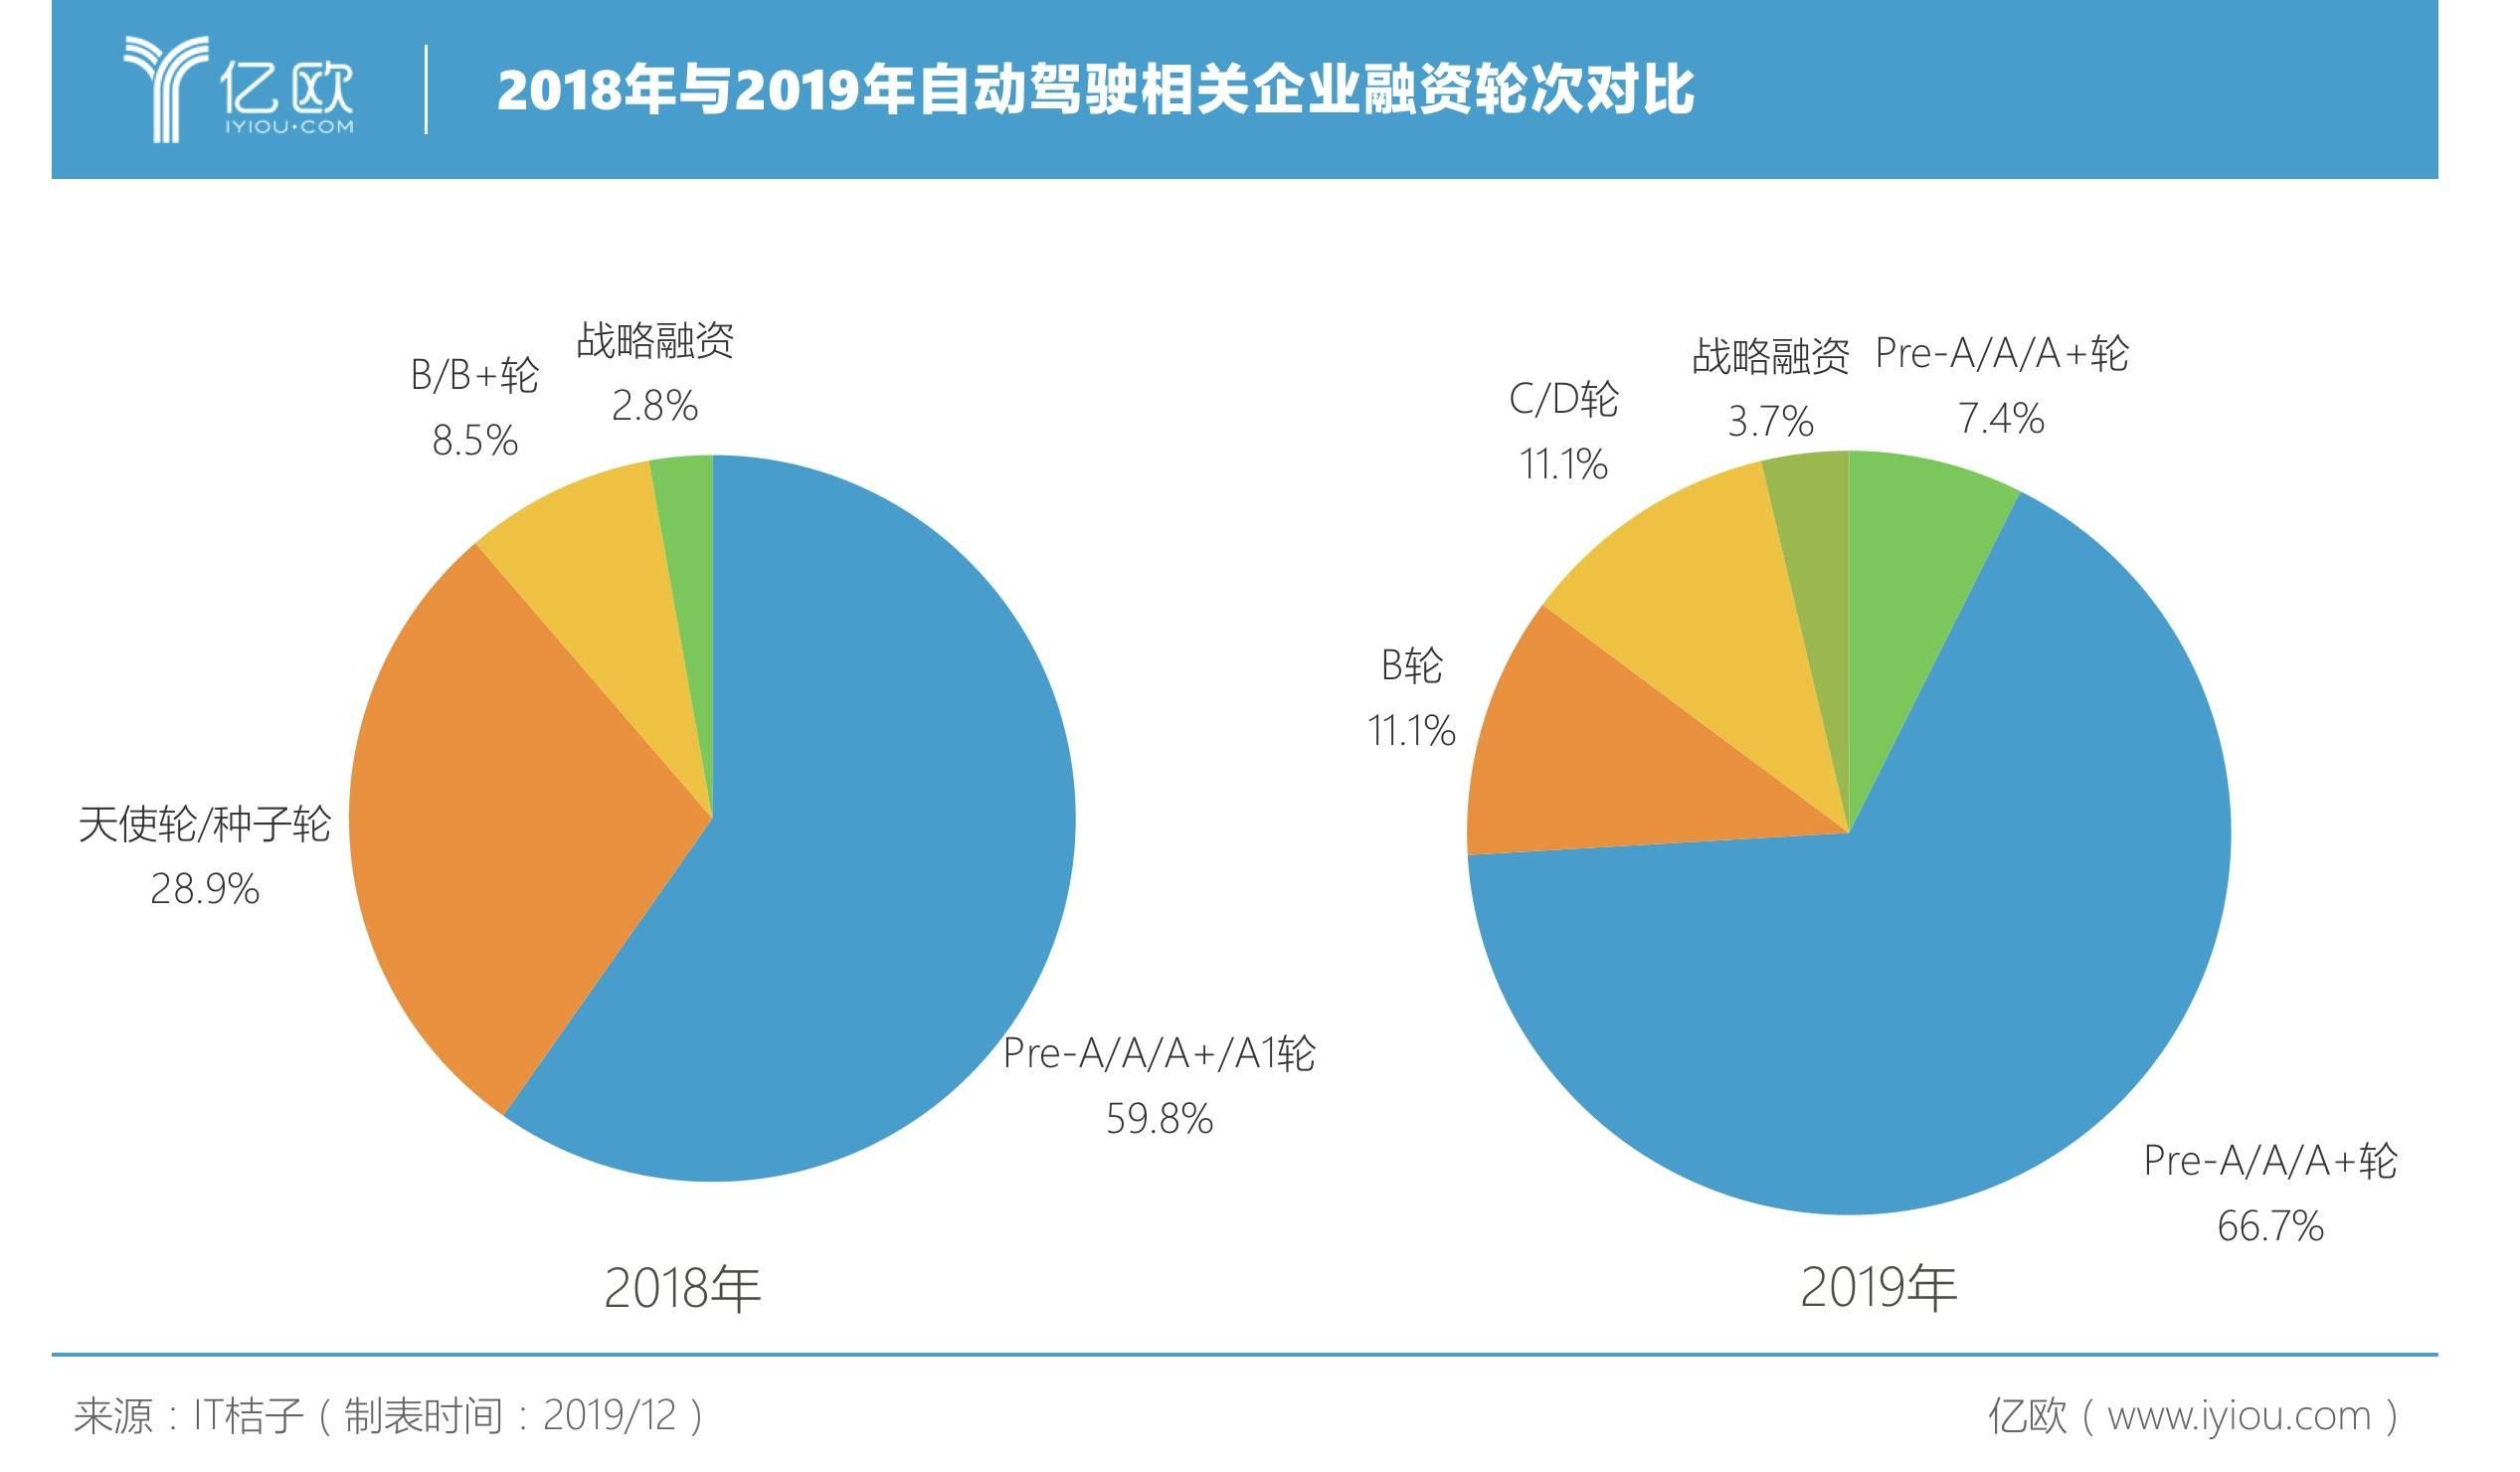 2018年与2019年自动驾驶企业融资轮次对比